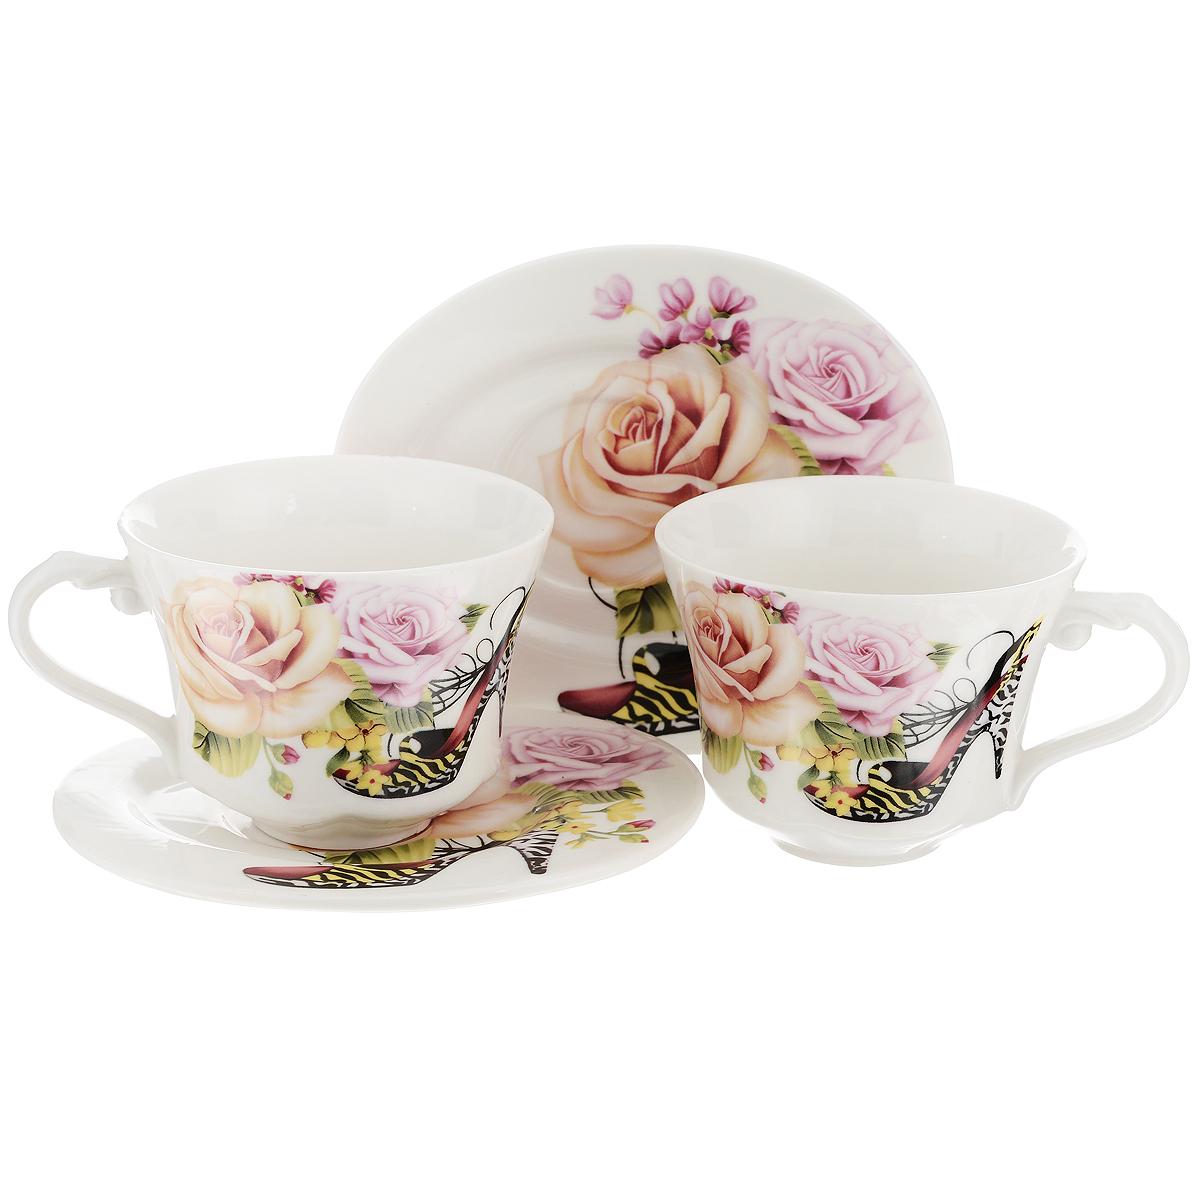 Набор чайный Briswild Фешн, 4 предмета набор чайный briswild цветы мака 6 предметов